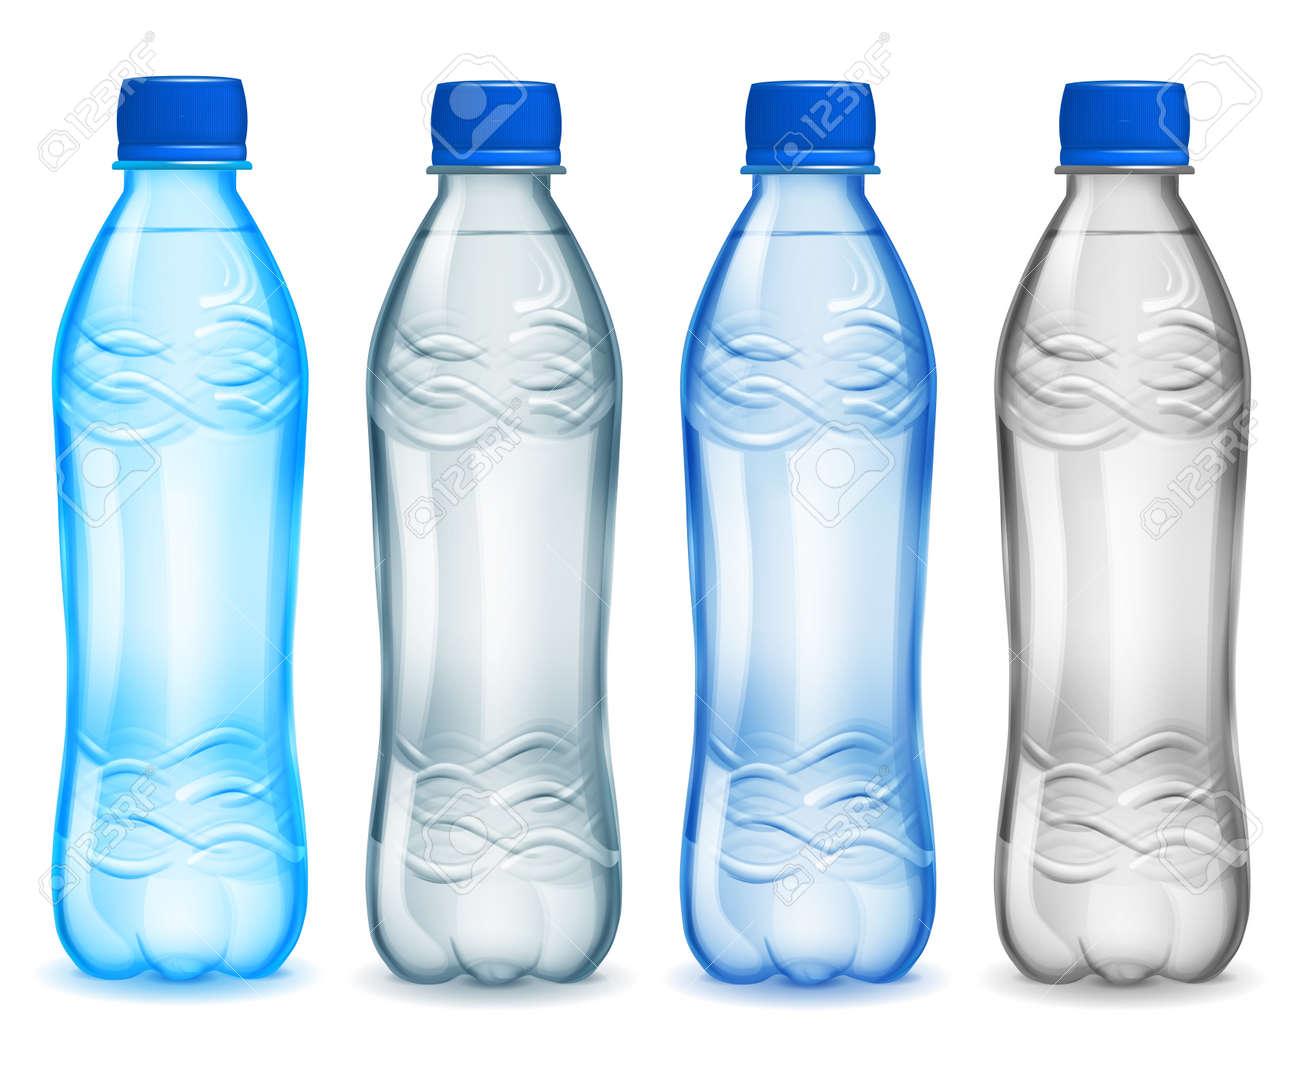 conjunto de botellas de plstico con agua mineral botellas en colores azul gris azul